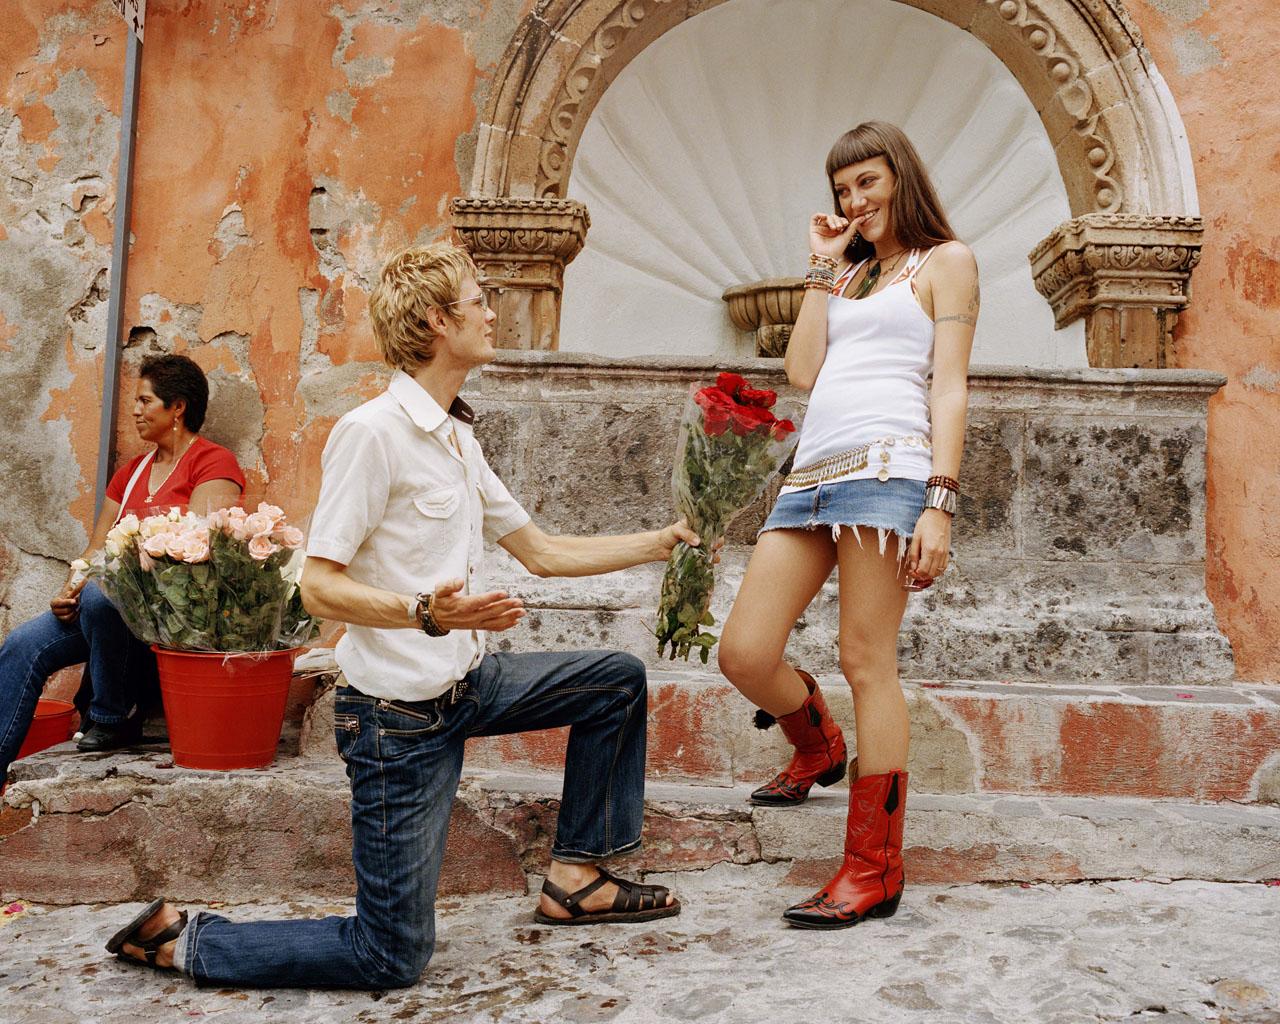 Парень стоит на коленях перед девушкой, анальный секс грудастой красотки видео